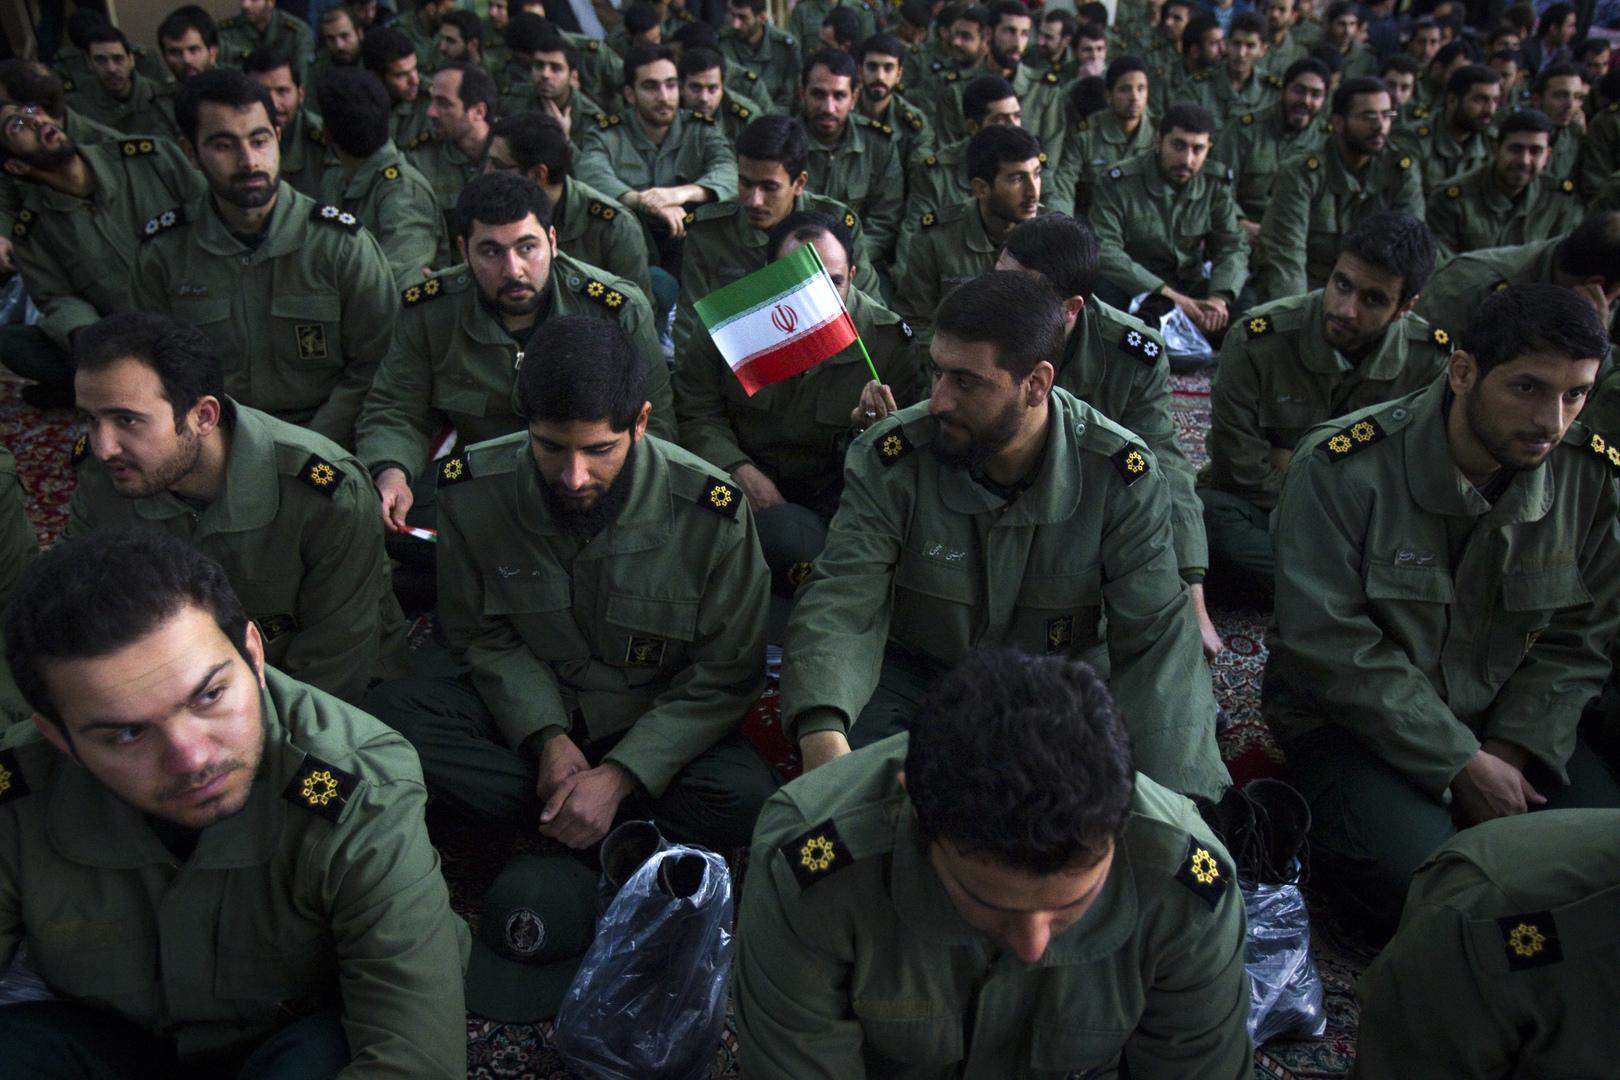 الحرس الثوري الإيراني لـRT: لا نستبعد أن تقوم الولايات المتحدة بأي حماقة ضد طهران